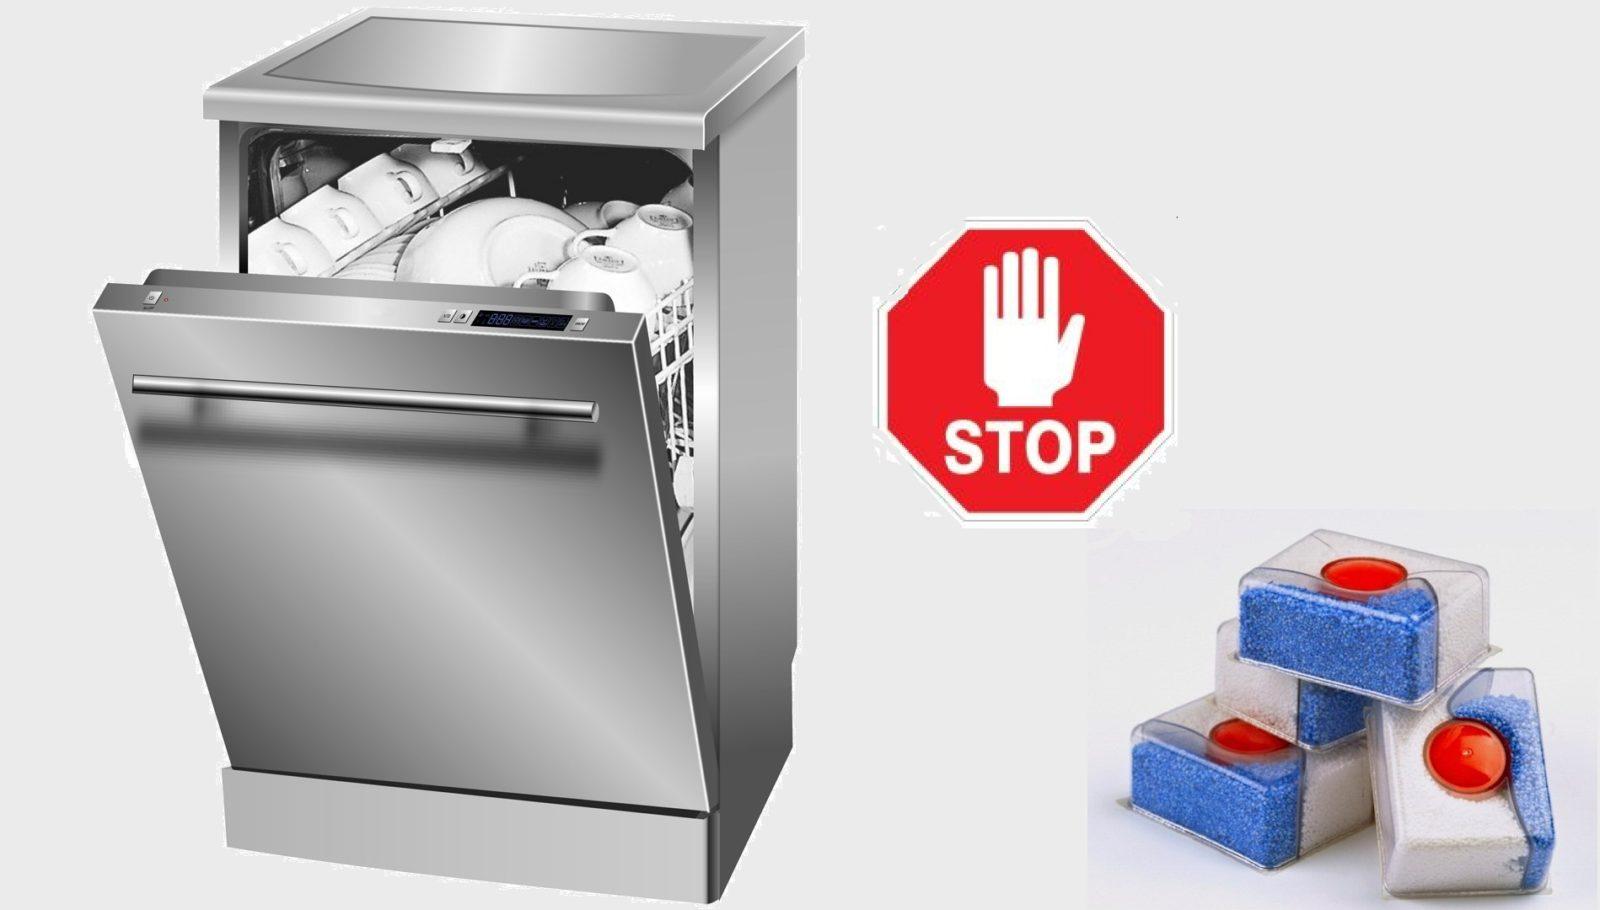 Таблетката не се разтваря в съдомиялната машина - какво да правя?